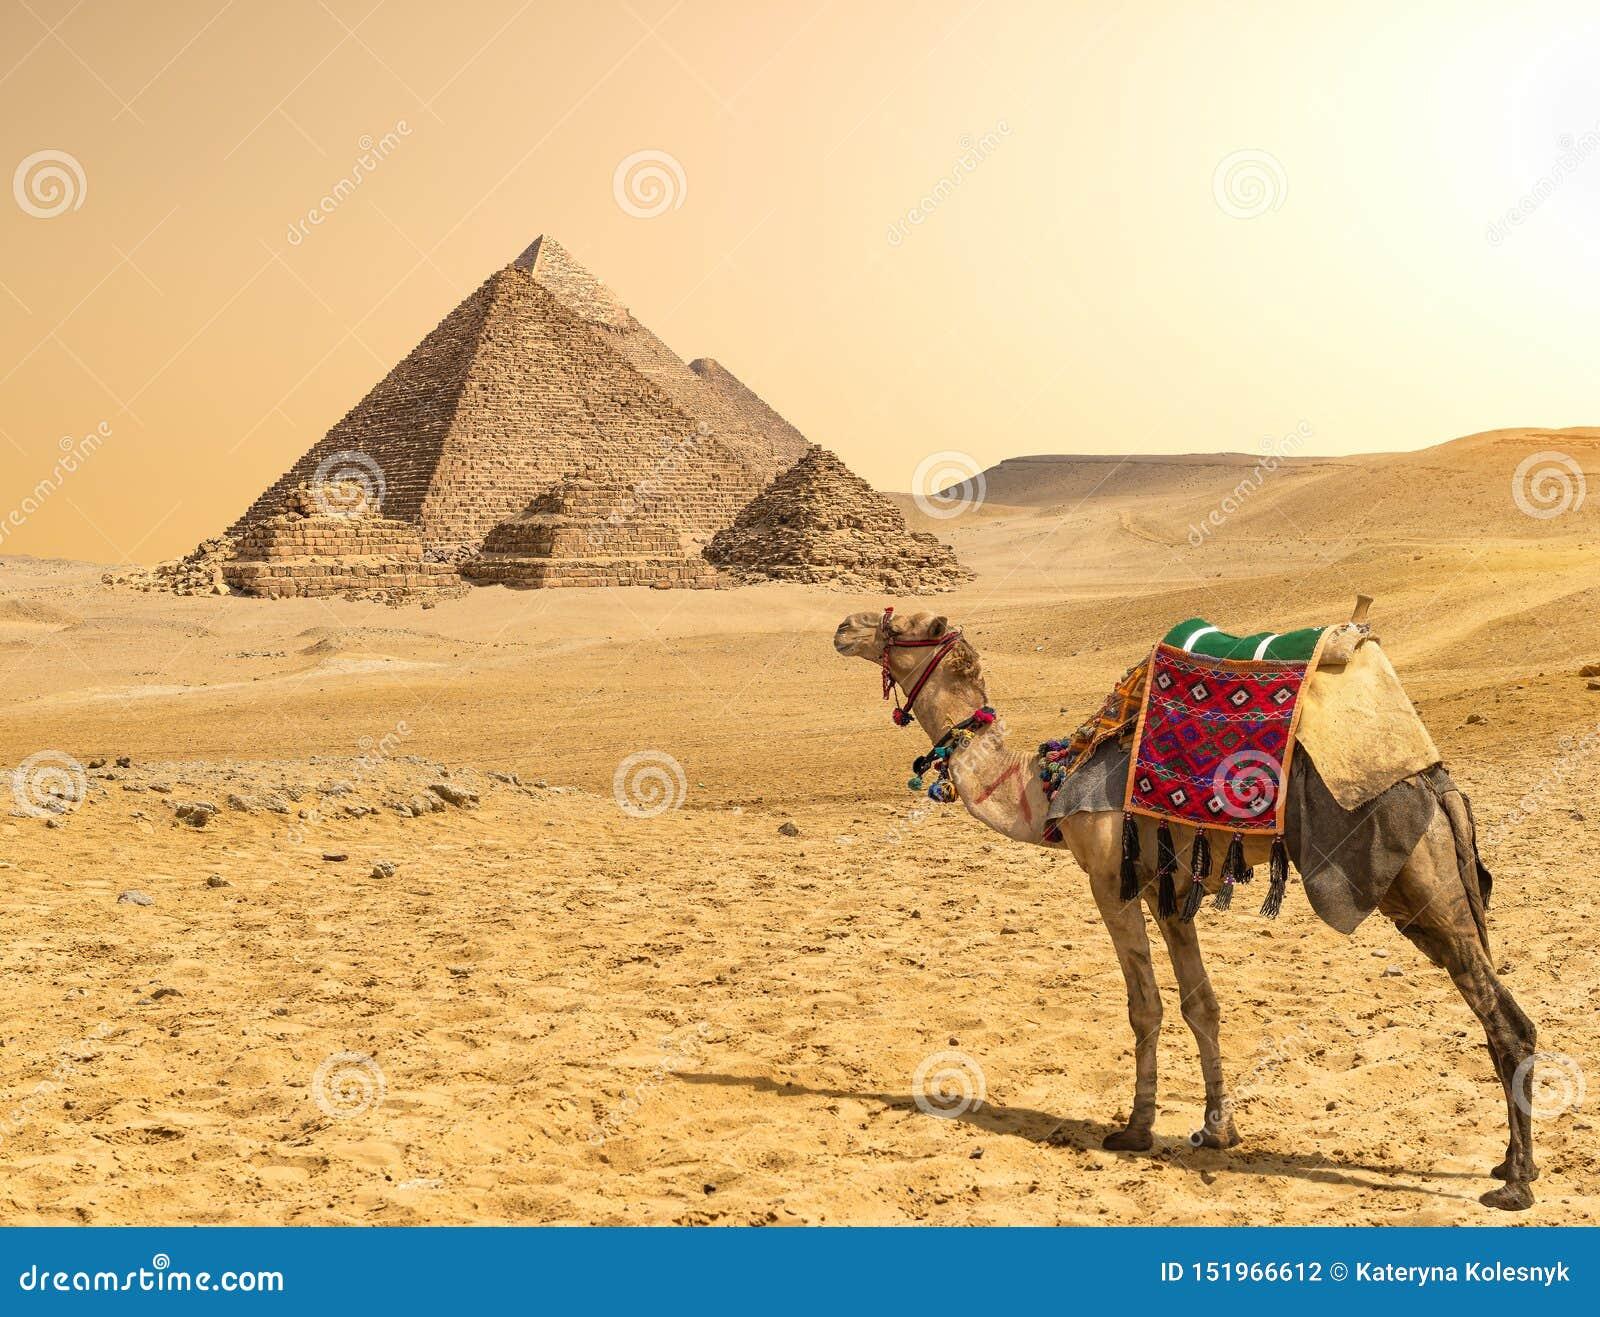 Καμήλα και πυραμίδες σε μια σειρά